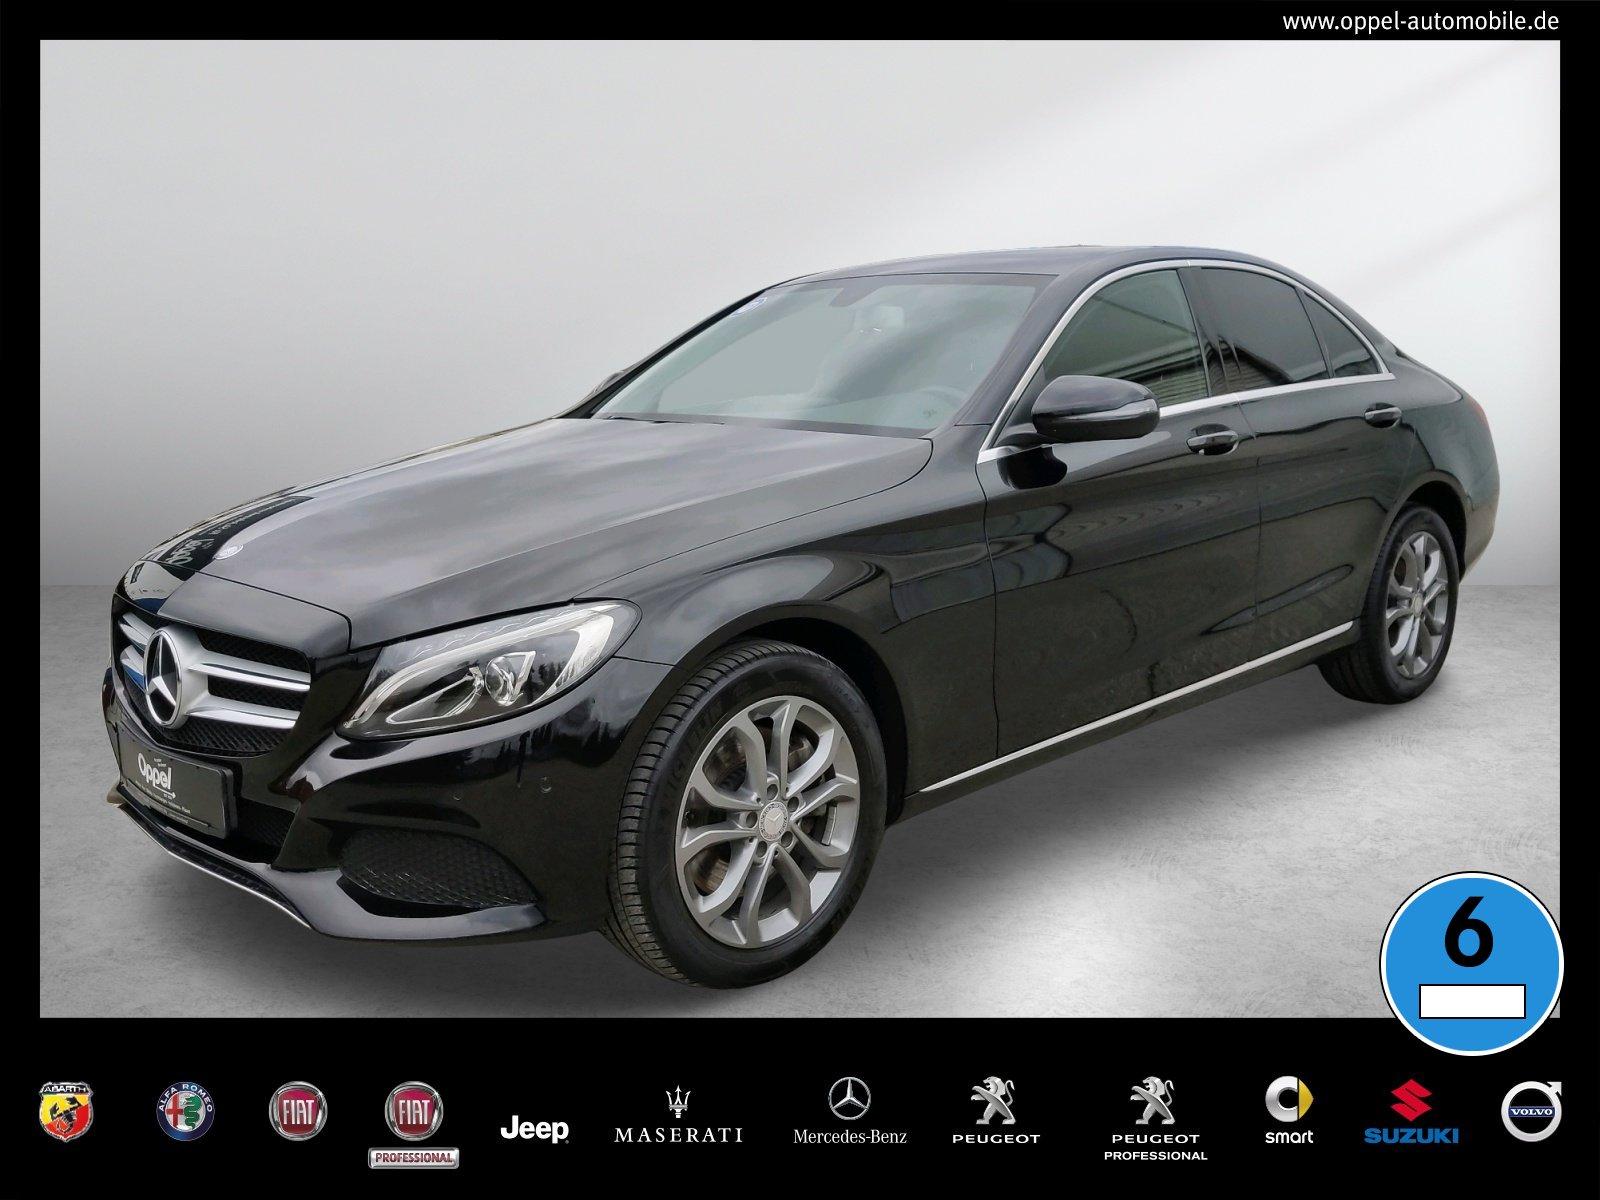 Mercedes-Benz C 250 d 4MATIC Avantgarde LED+SITZH.+TEMPOMAT+7G, Jahr 2015, Diesel